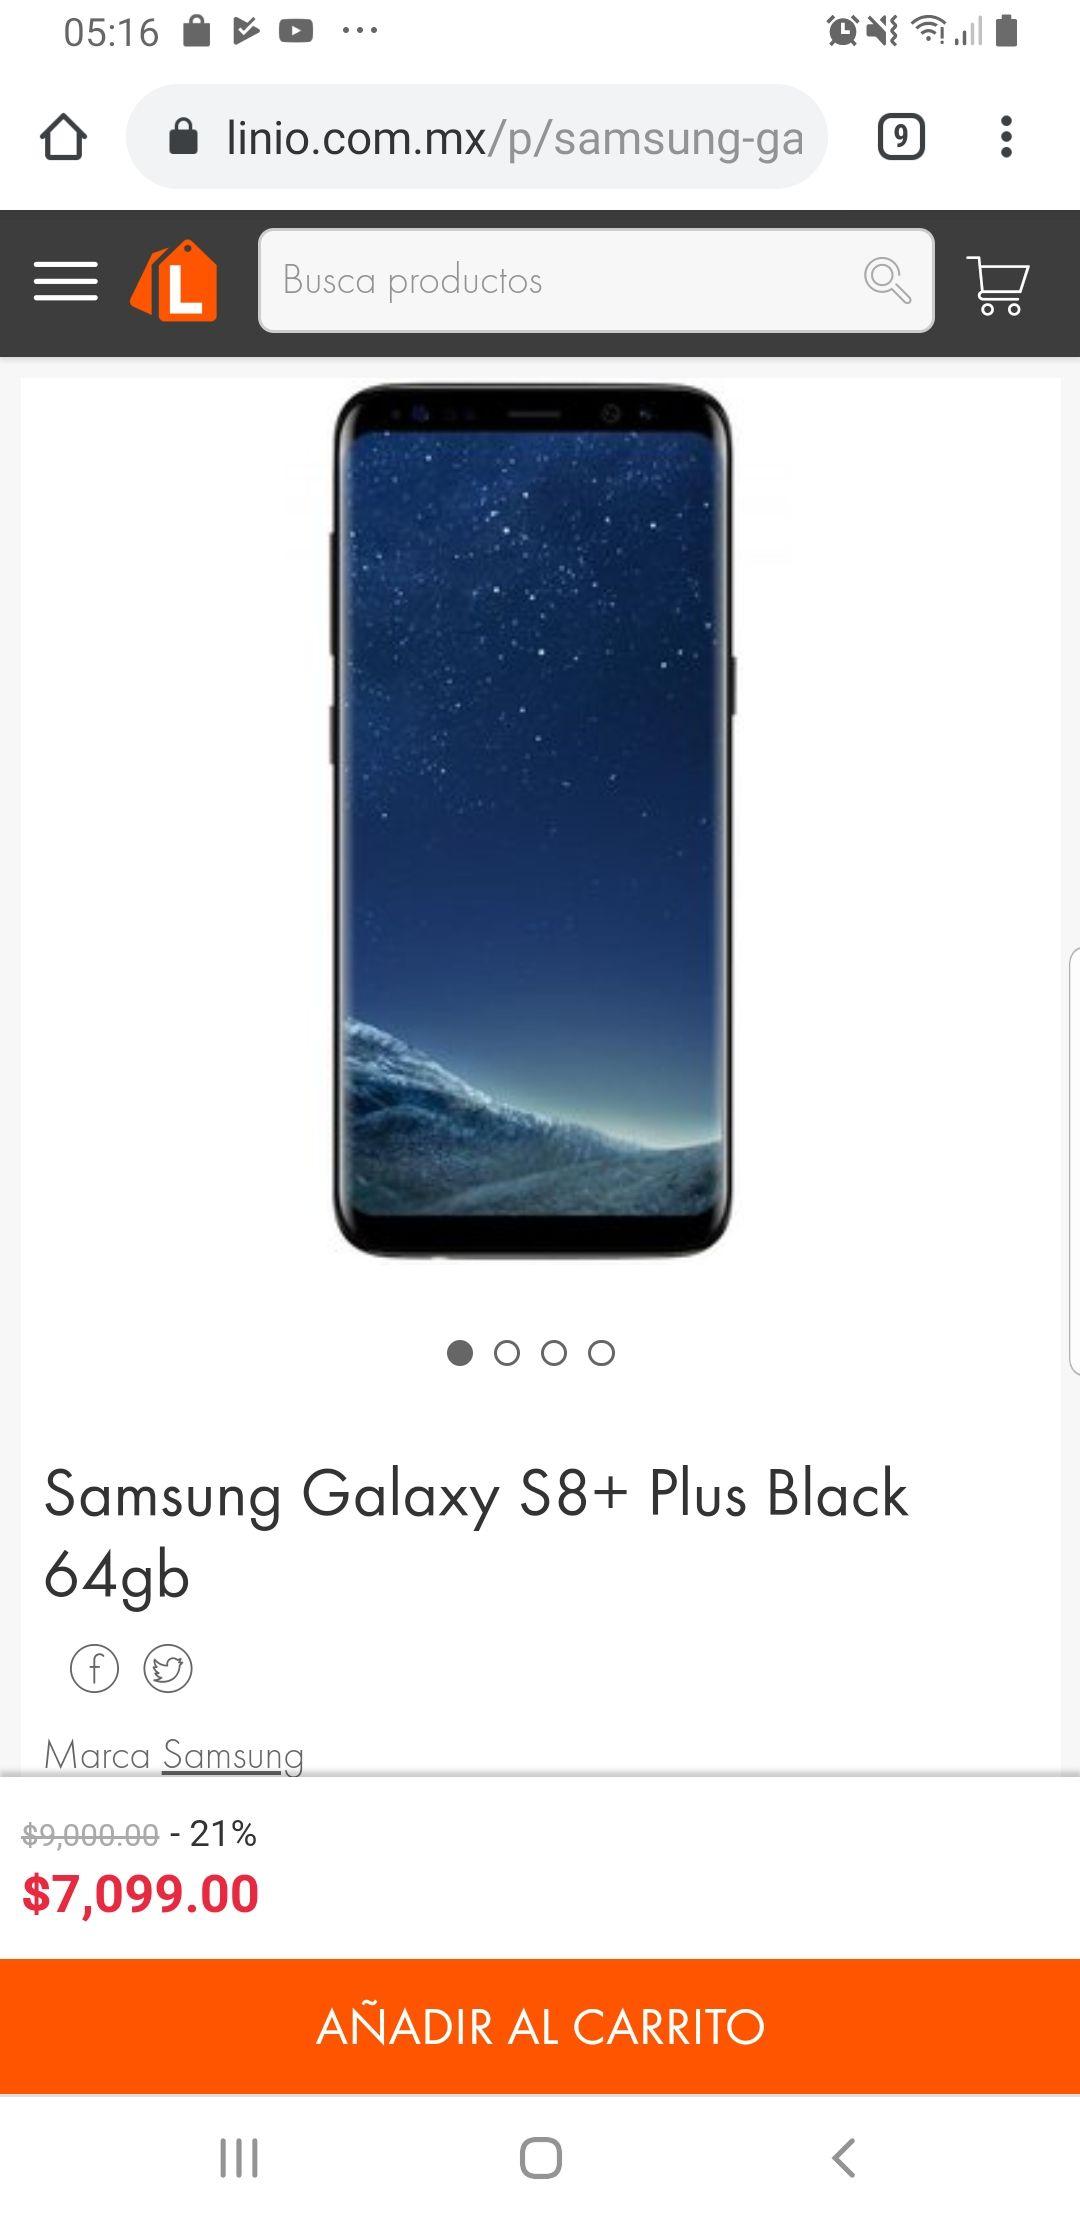 Linio: Samsung Galaxy S8+ Plus 64gb NUEVO Garantía 12 meses (no reacondicionado)